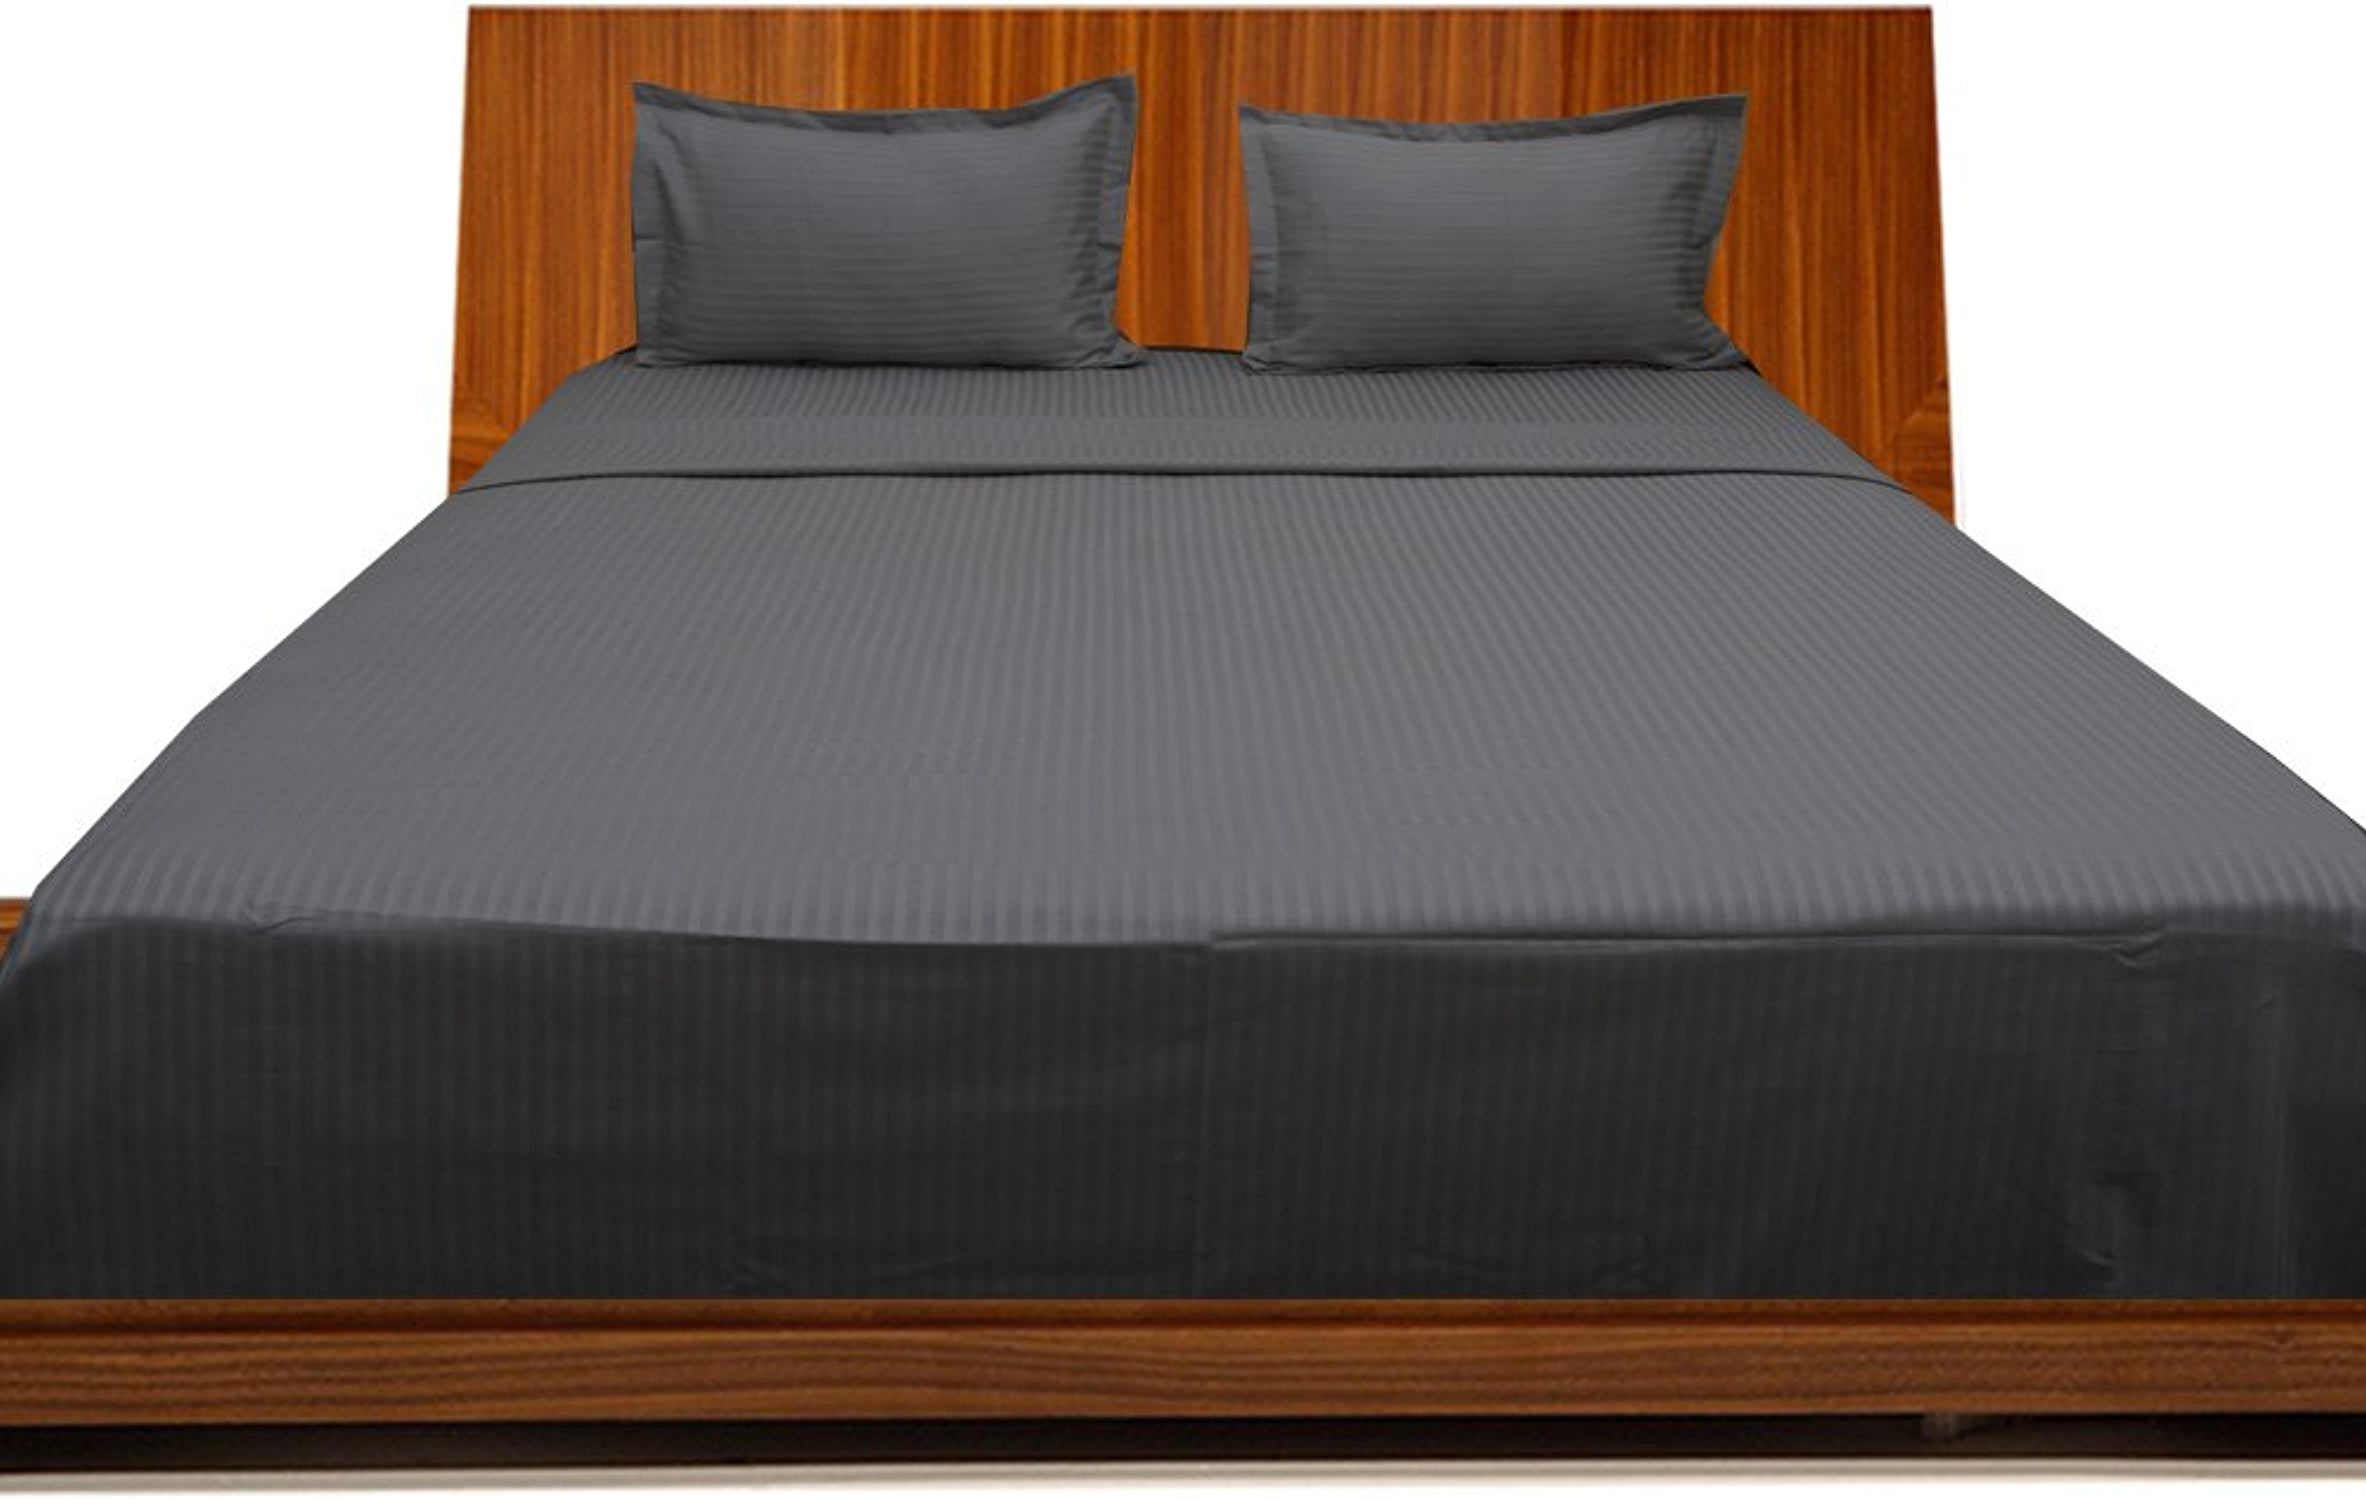 Dreamz Bedding Italien Finition, de 350Thread Count Coton égypcravaten Bed Sheet Set 66cm Ultra Profonde Pocket Euro Extra petit Single, éléphant gris gris foncé Stripe, 350tc Parure de lit 100% Coton